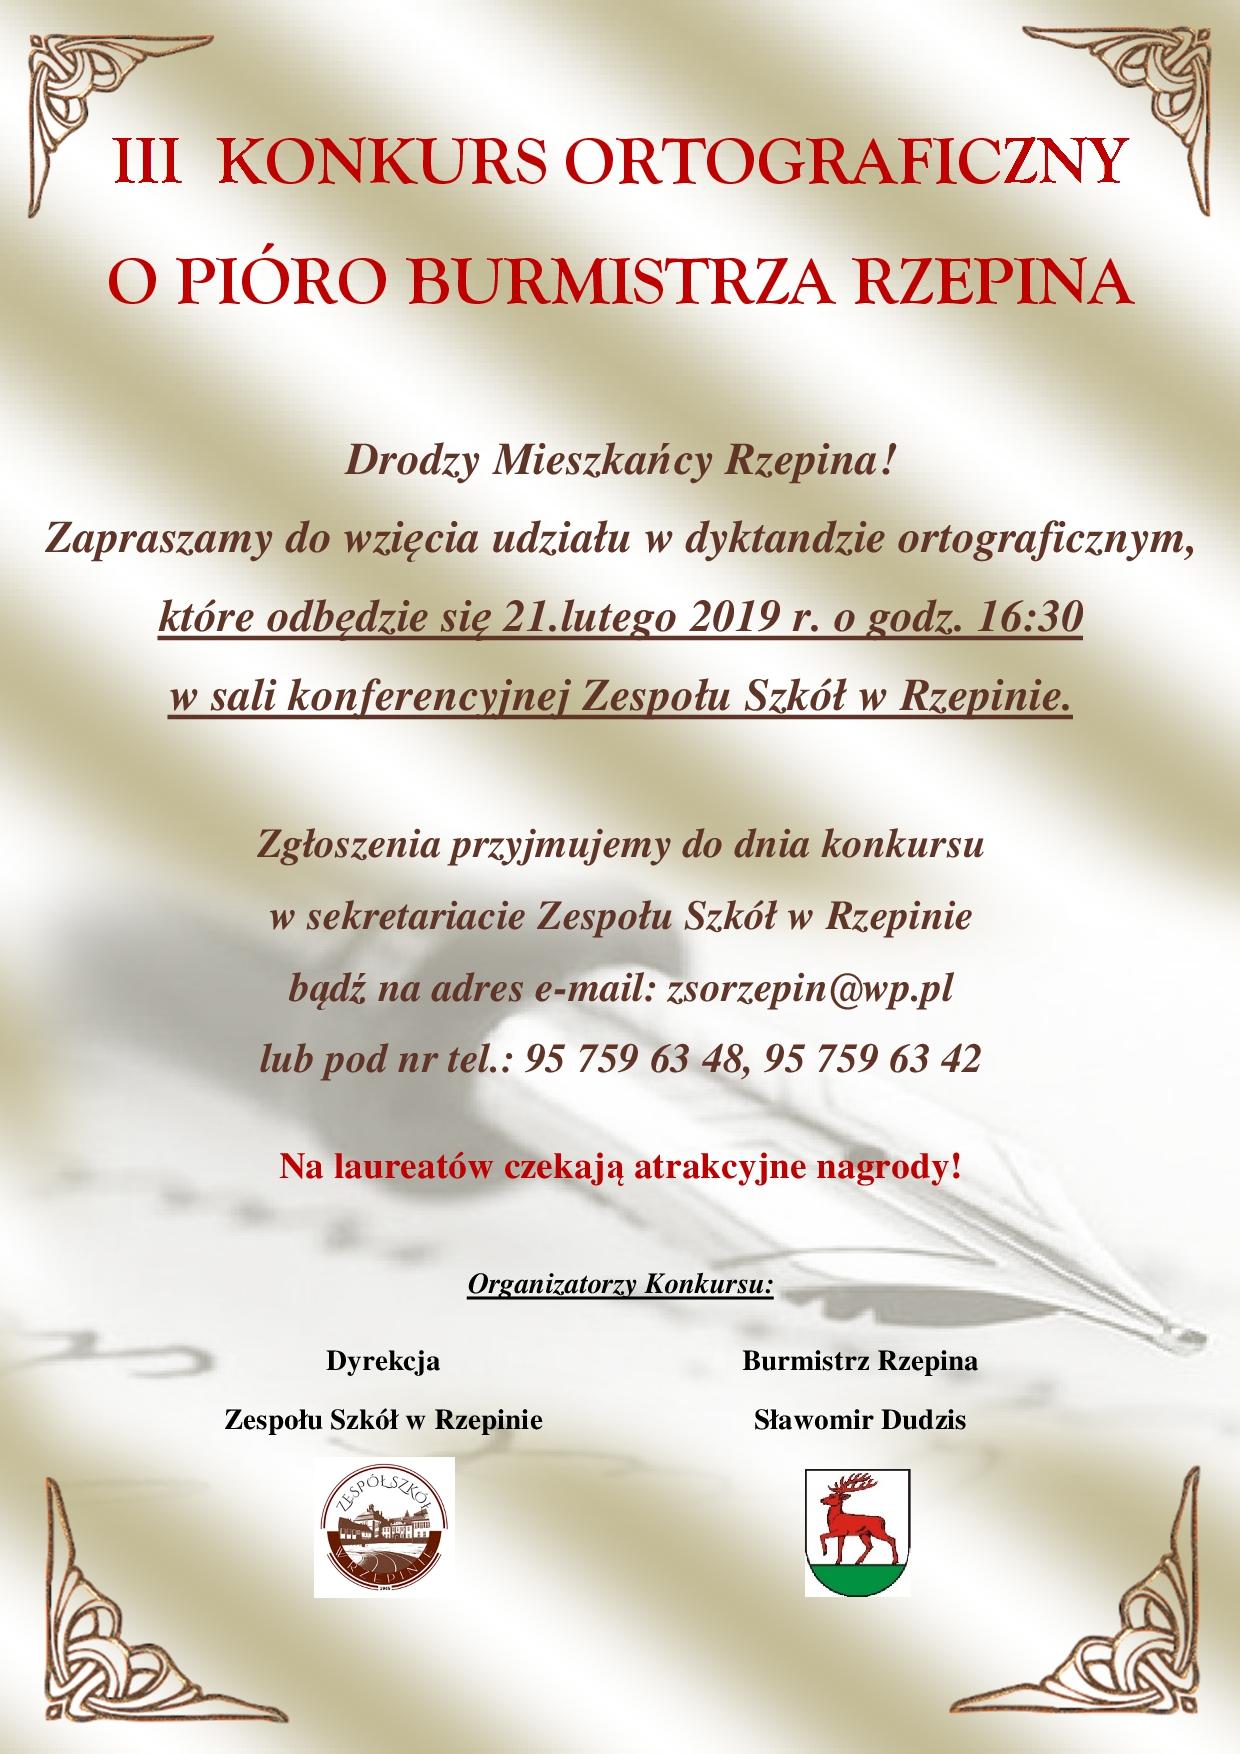 """Ilustracja do informacji: Zapraszamy do wzięcia udziału w """"III KONKURSIE ORTOGRAFICZNYM O PIÓRO BURMISTRZA RZEPINA""""!"""